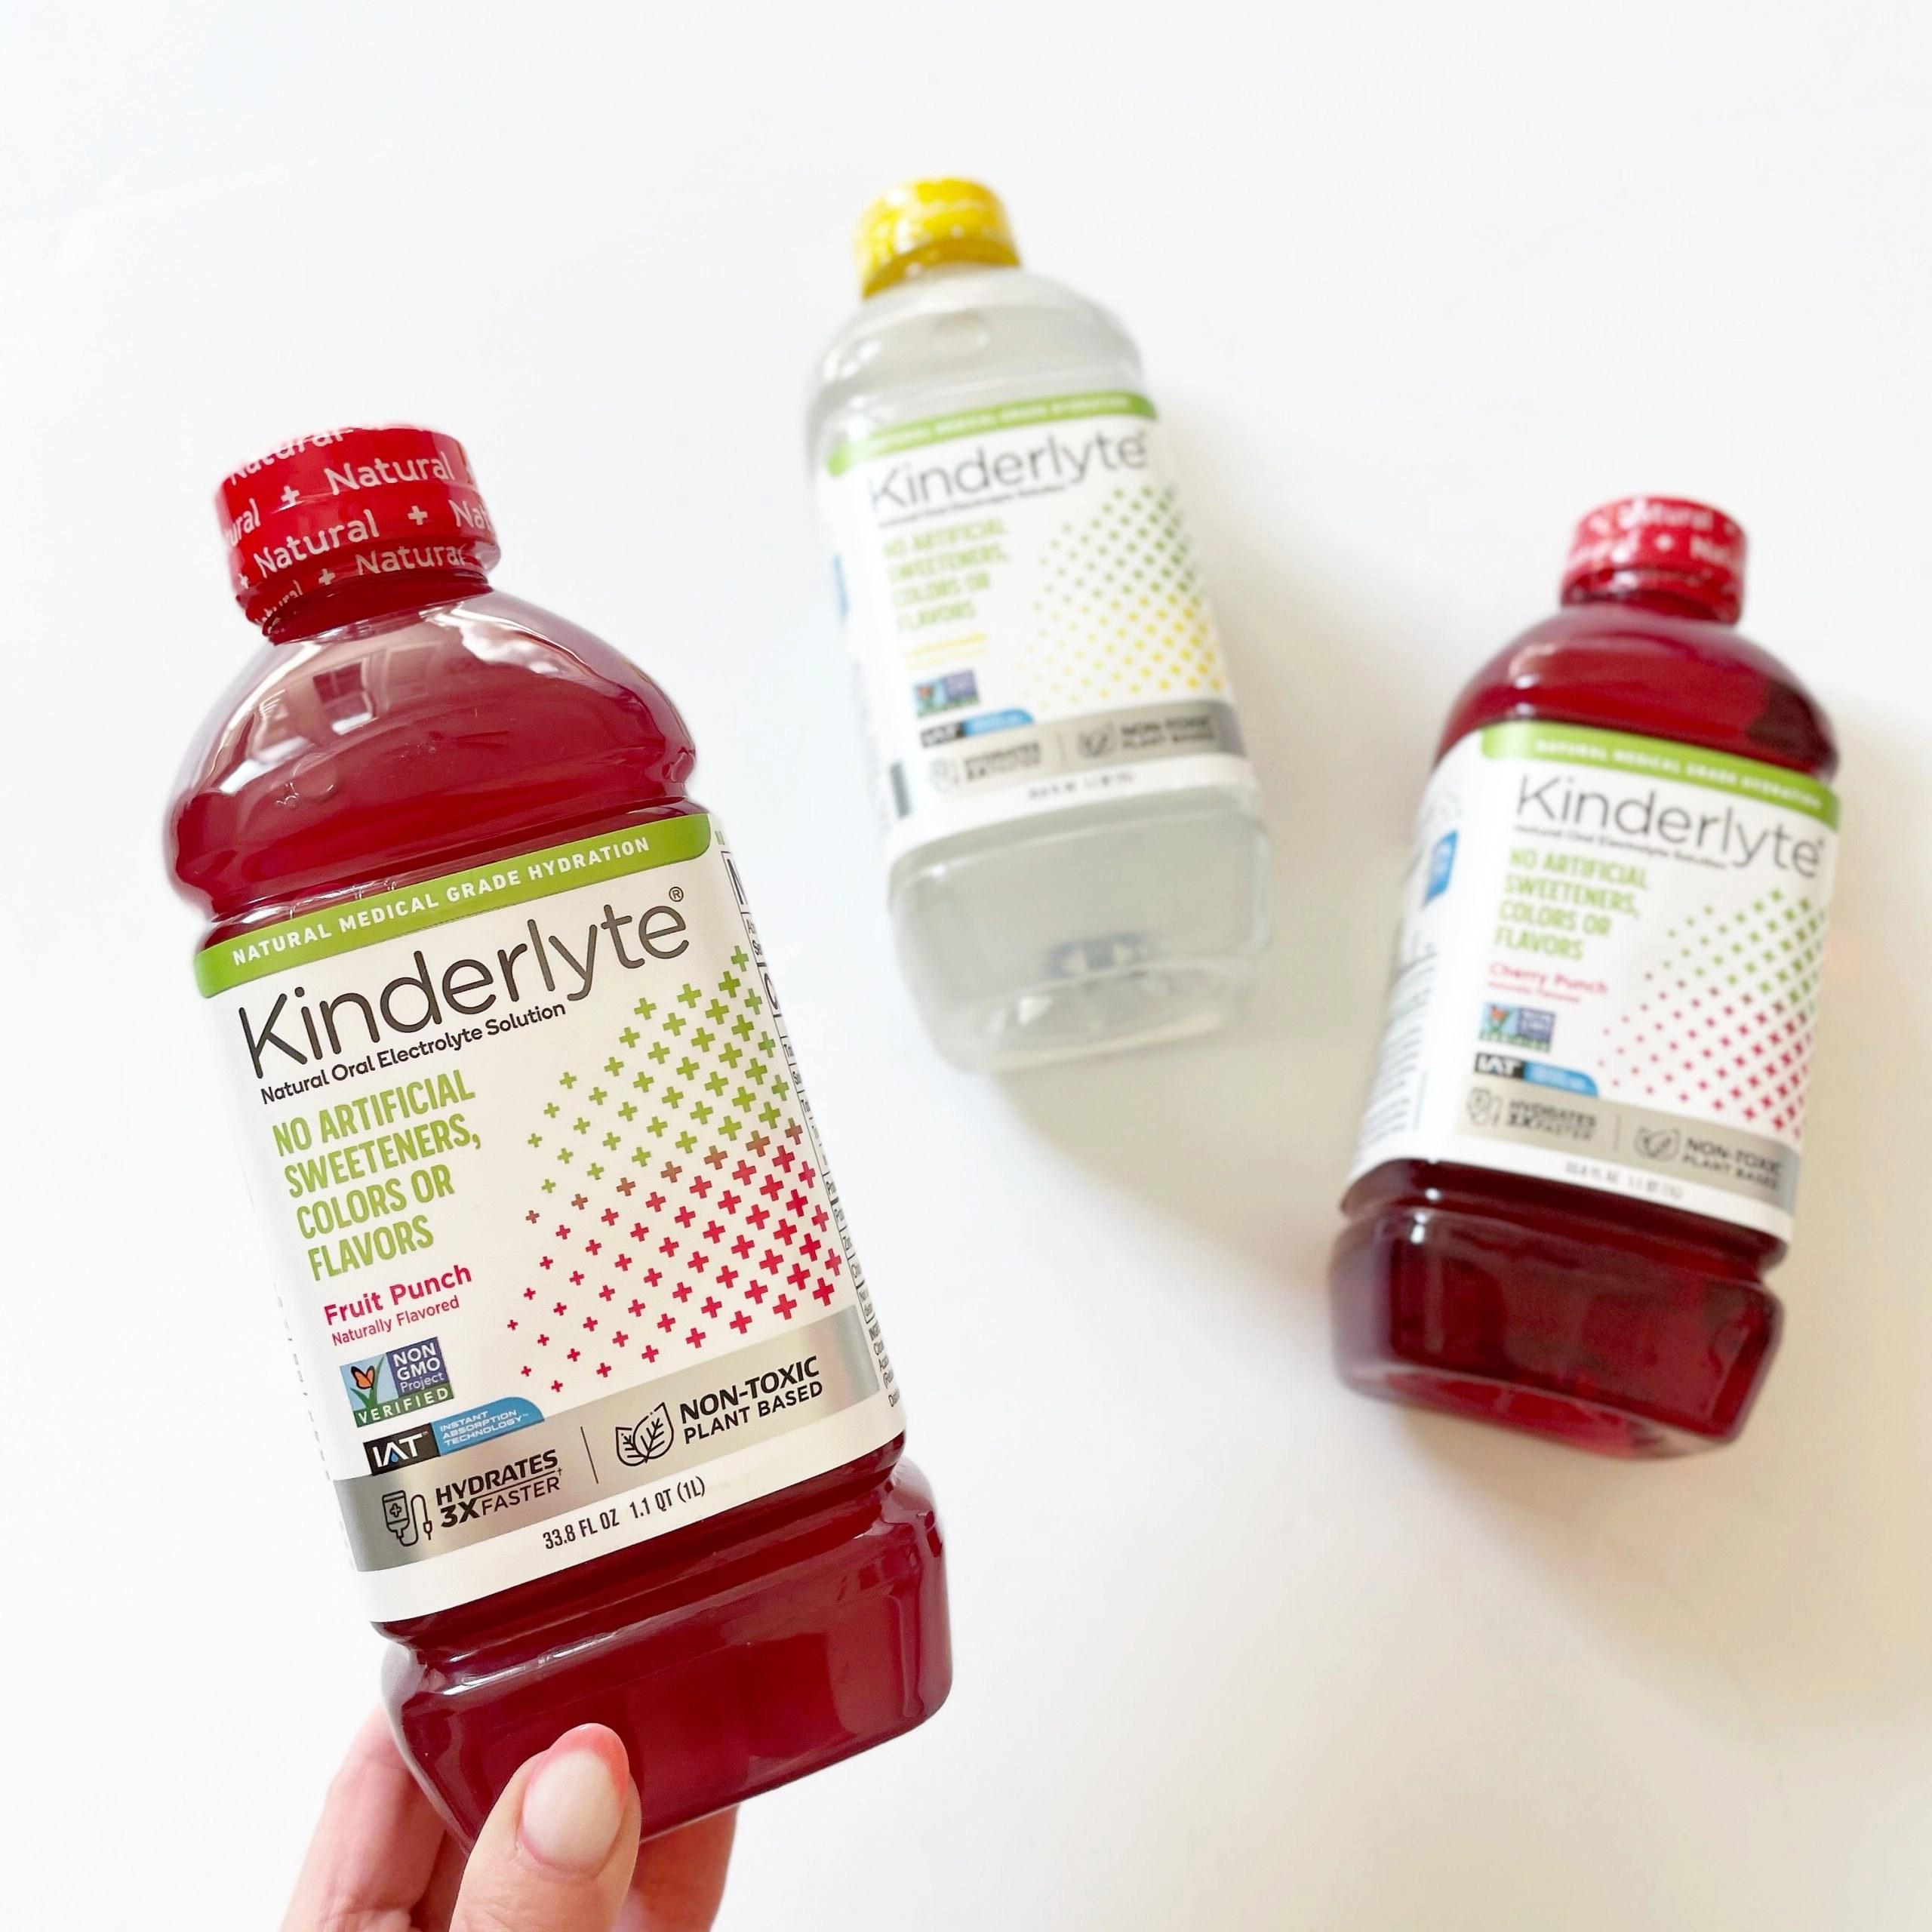 Kinderlyte Natural Electrolyte Solution